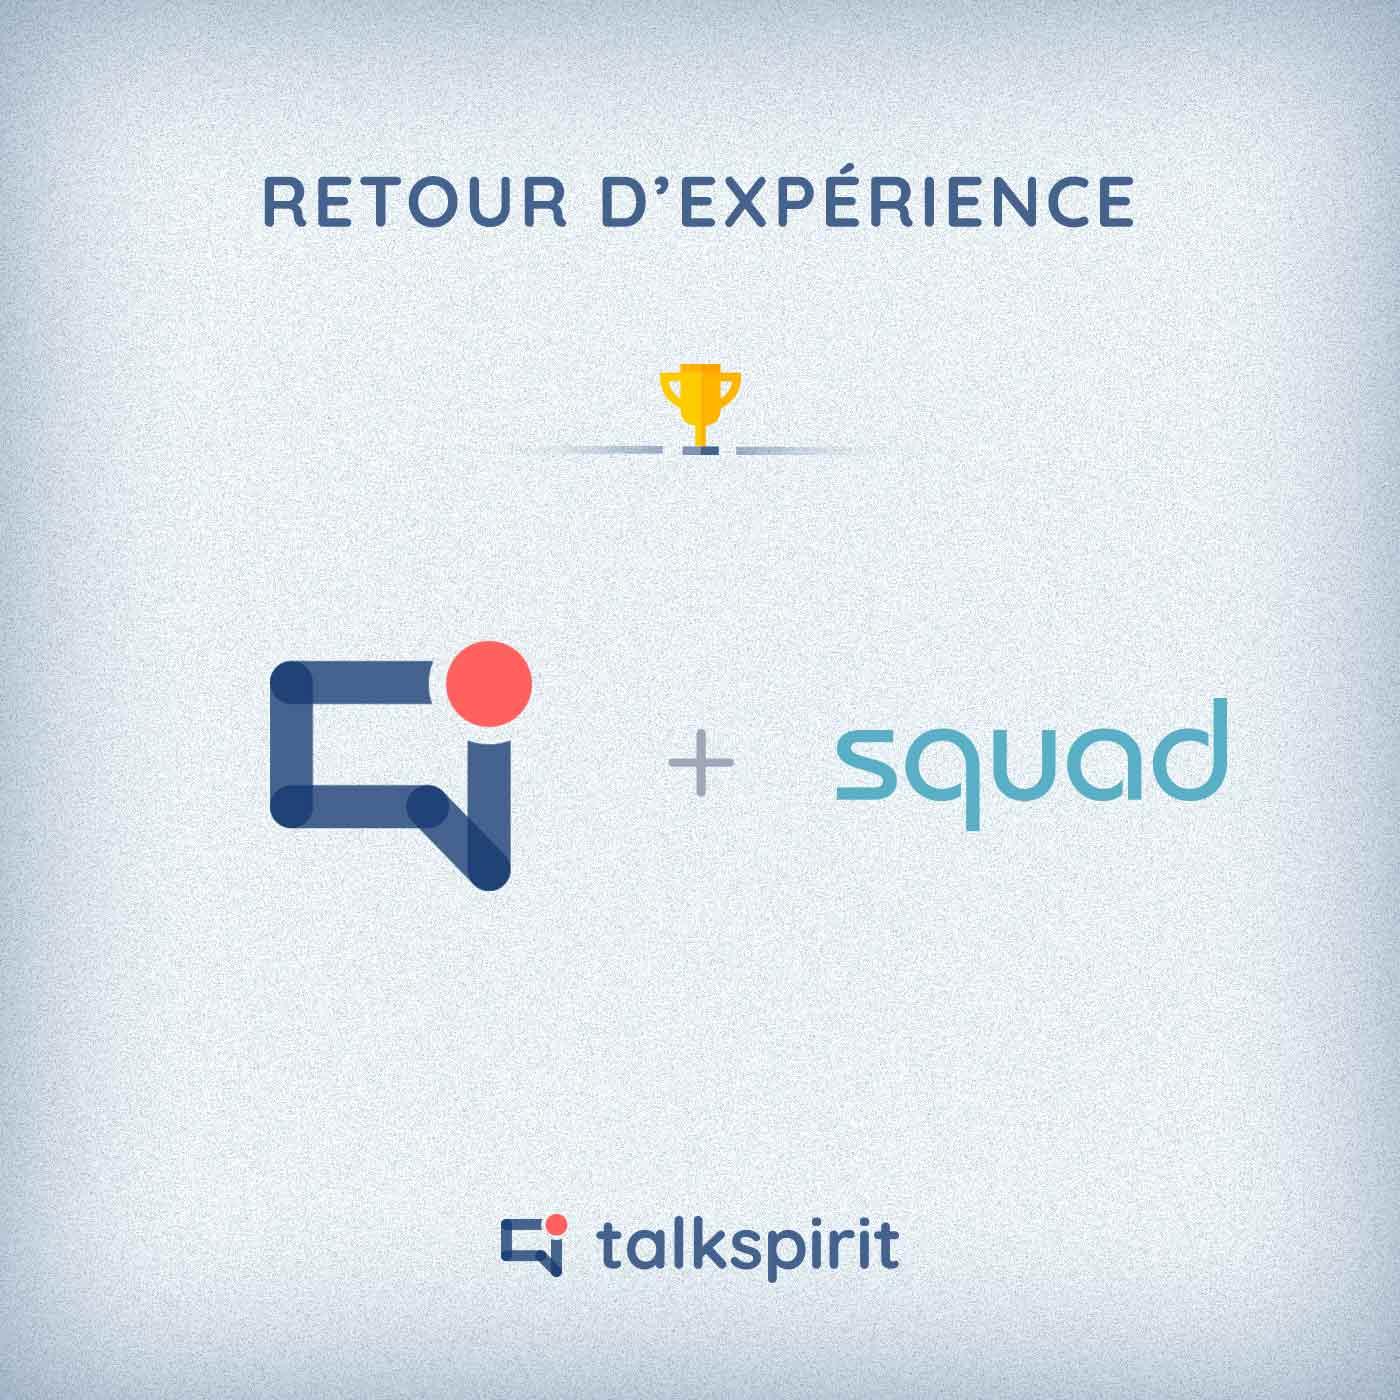 retour experience talkspirit squad